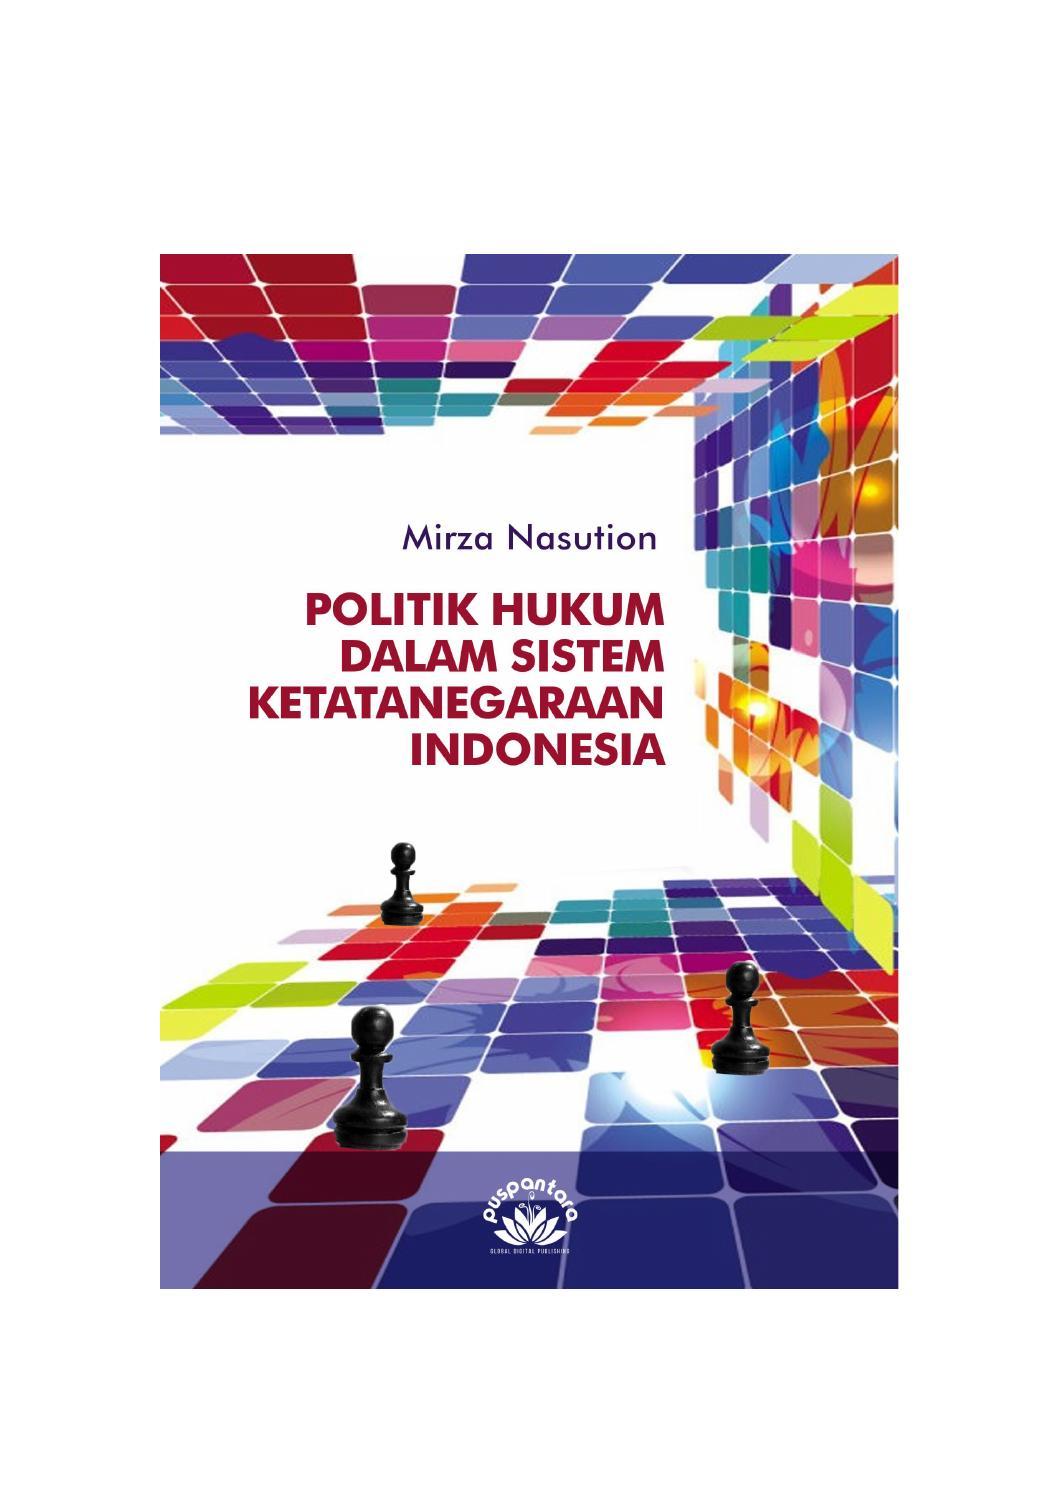 Sistem ketatanegaraan indonesia sebelum dan sesudah amandemen. Politik Hukum Dalam Sistem Ketatanegaraan Indonesia By Puspantara Issuu